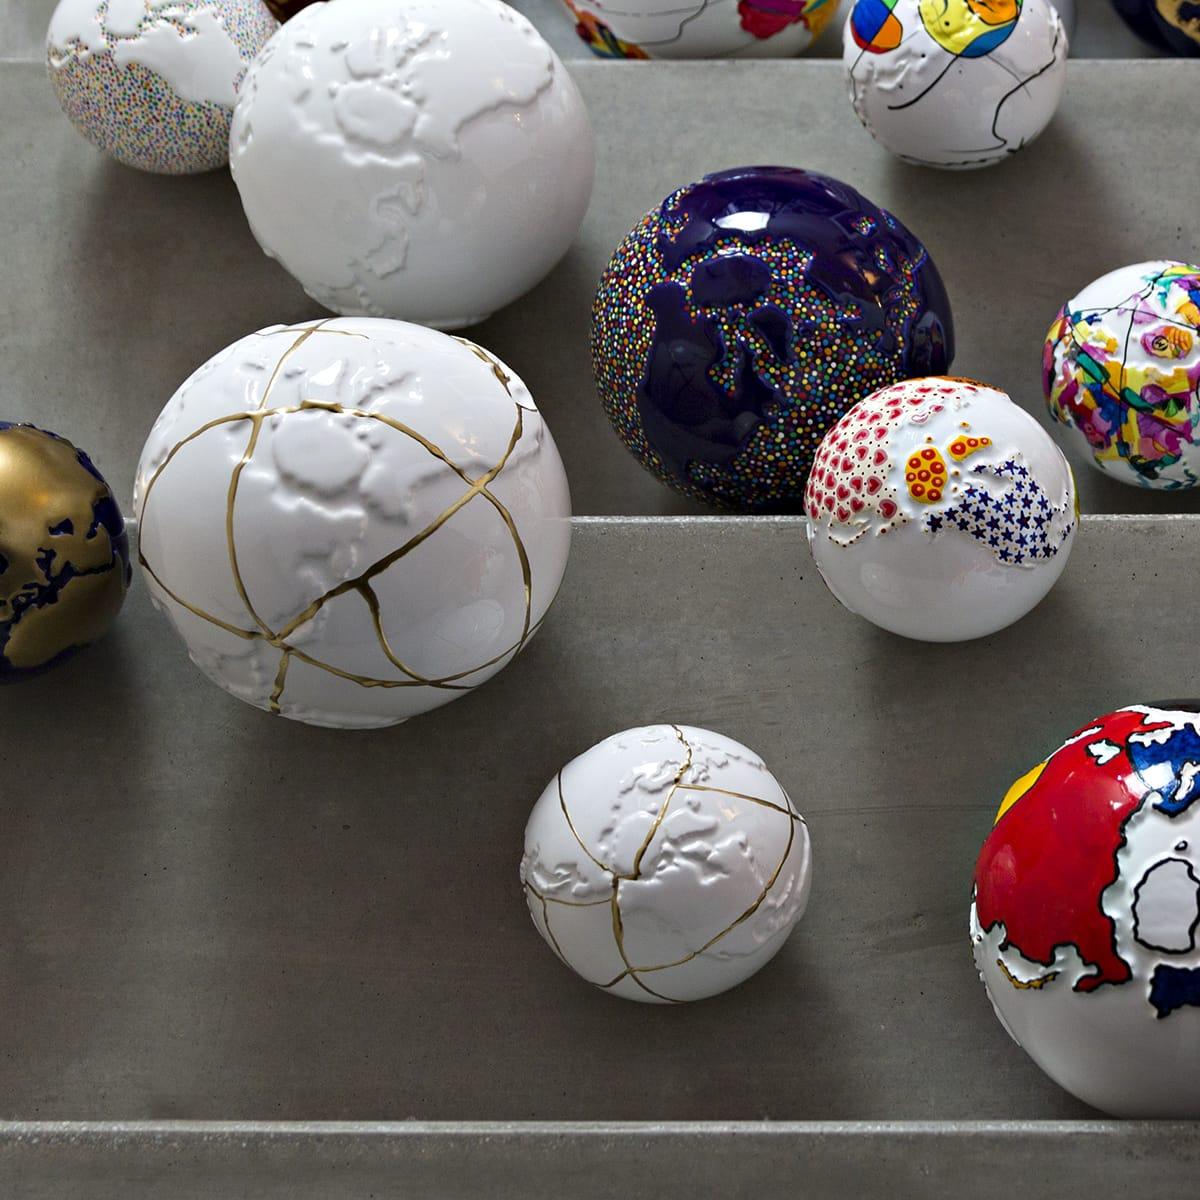 sfere in ceramica a forma di pianeta terra decorate con l'oro kintsugi